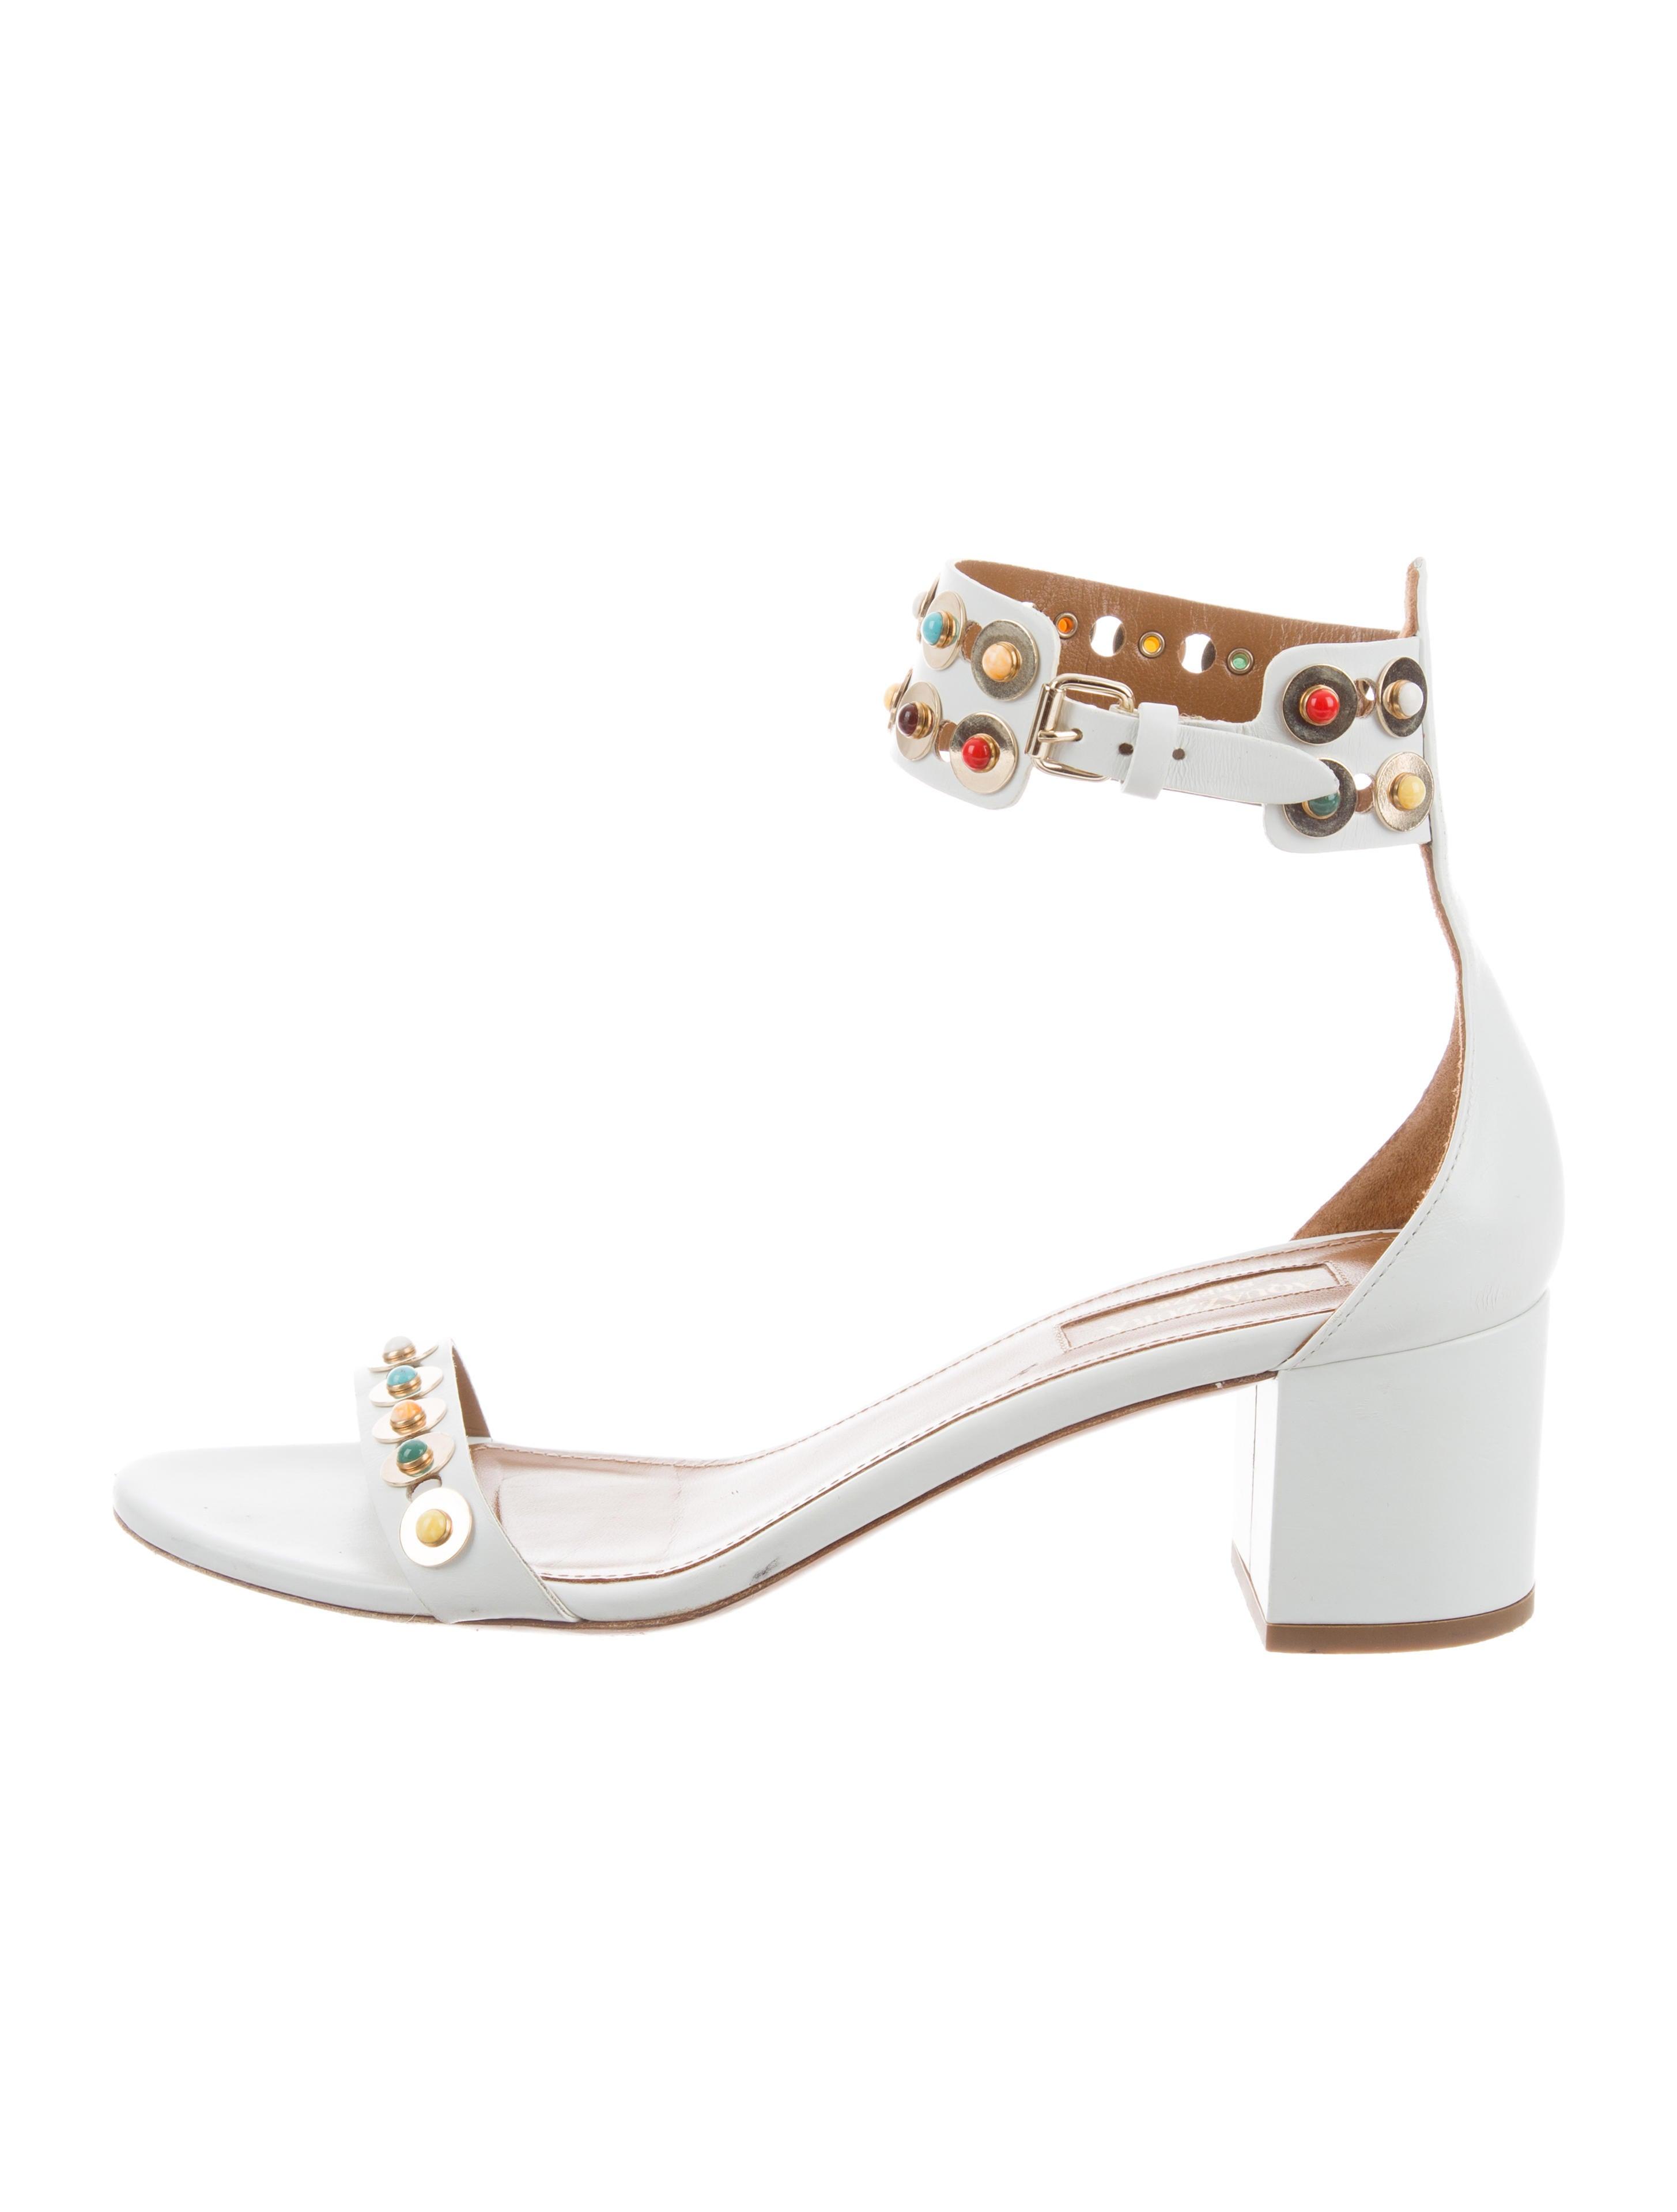 ae60c22d2 Aquazzura Leather Embellished Sandals - Shoes - AQZ28919